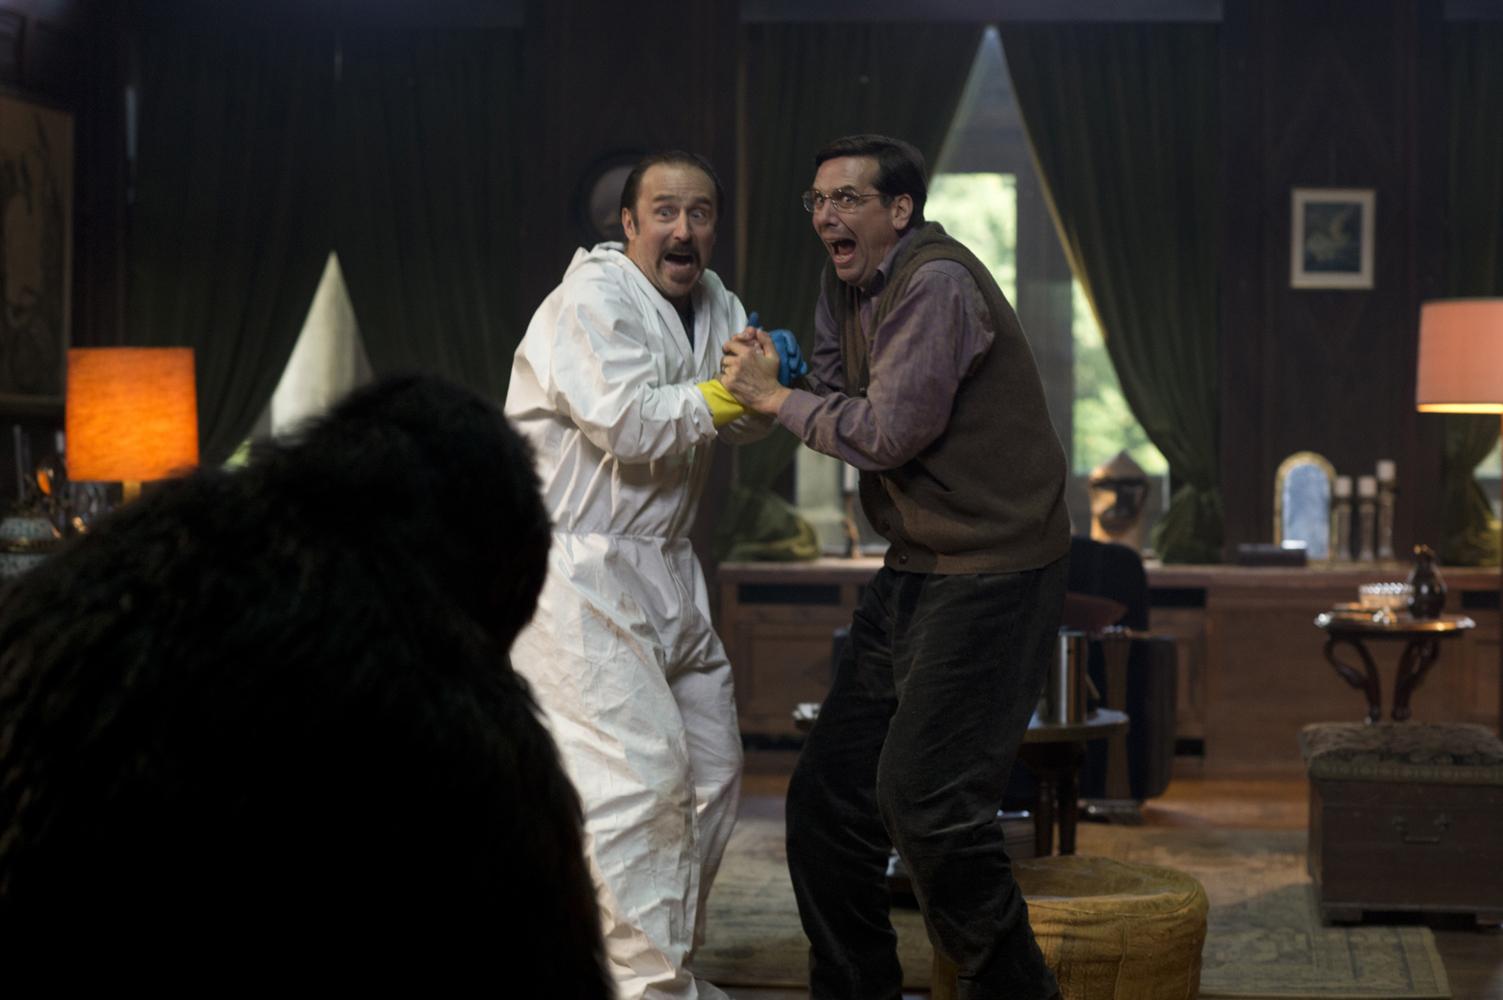 """Szene aus Tatortreiniger-Folge """"Der Fluch"""": Heiko Schotte und Episodenrolle erschrecken vor einem Schatten"""